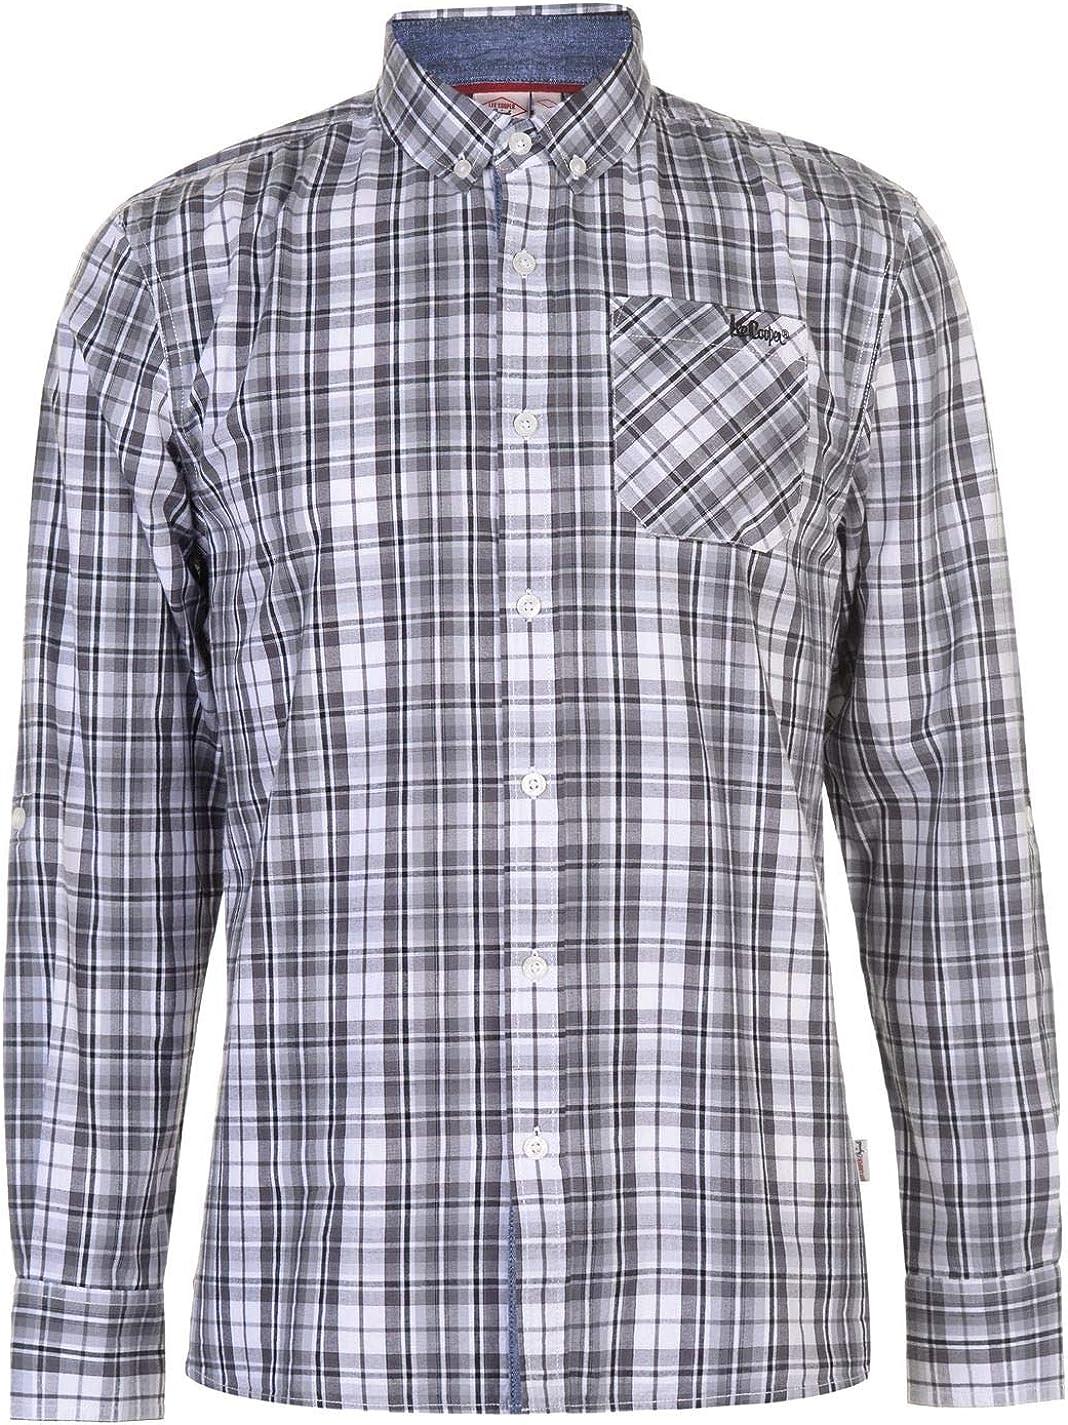 LEE COOPE - Camisa casual - para hombre Gris/Noir/Blanc L ...